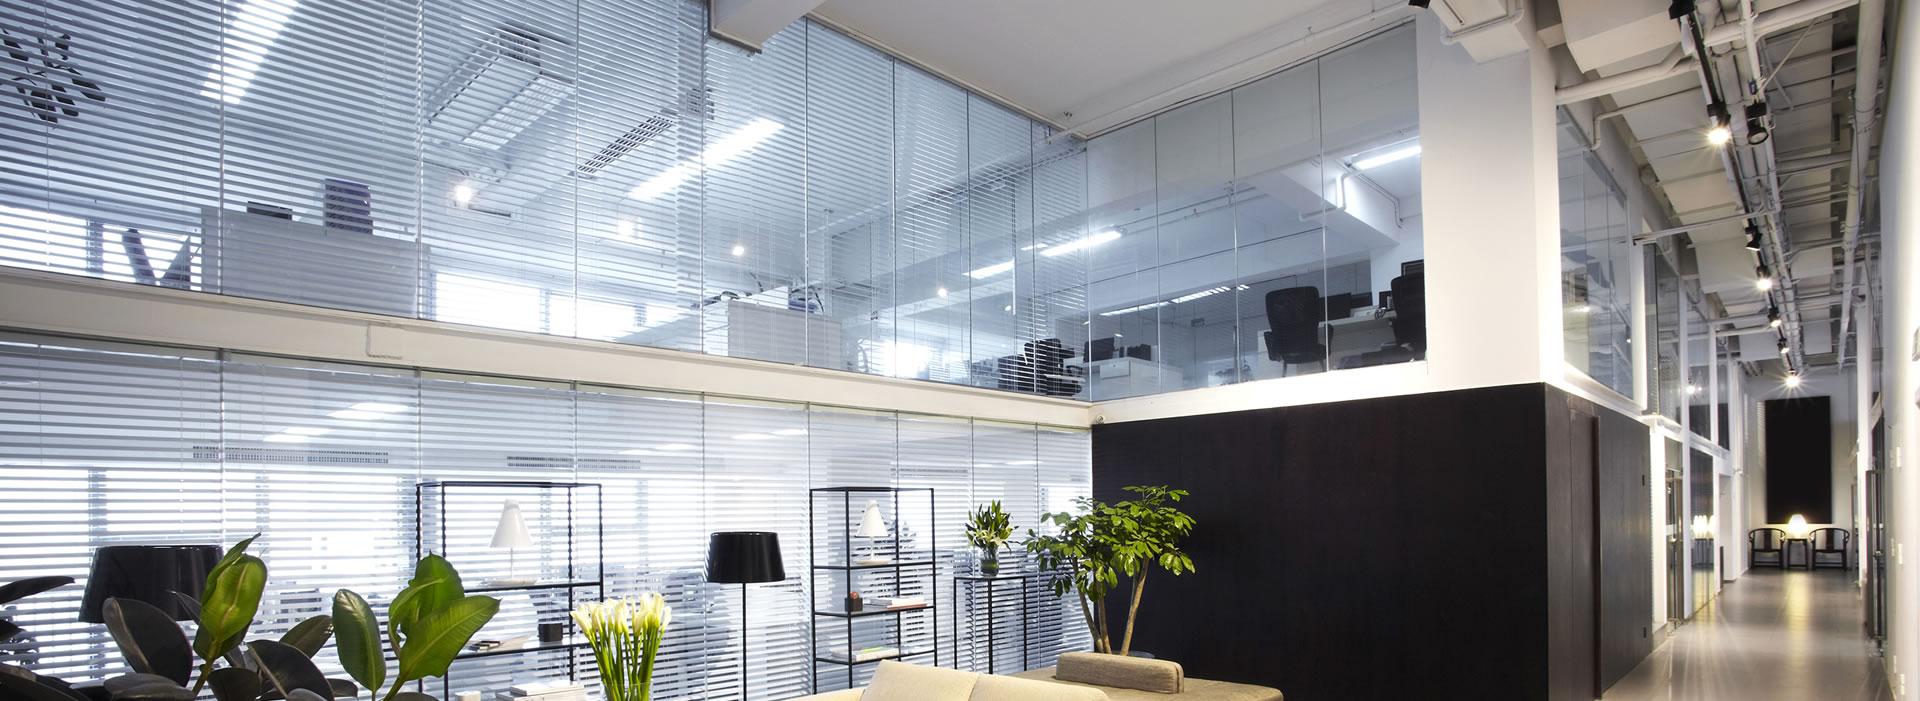 climatização para escritórios